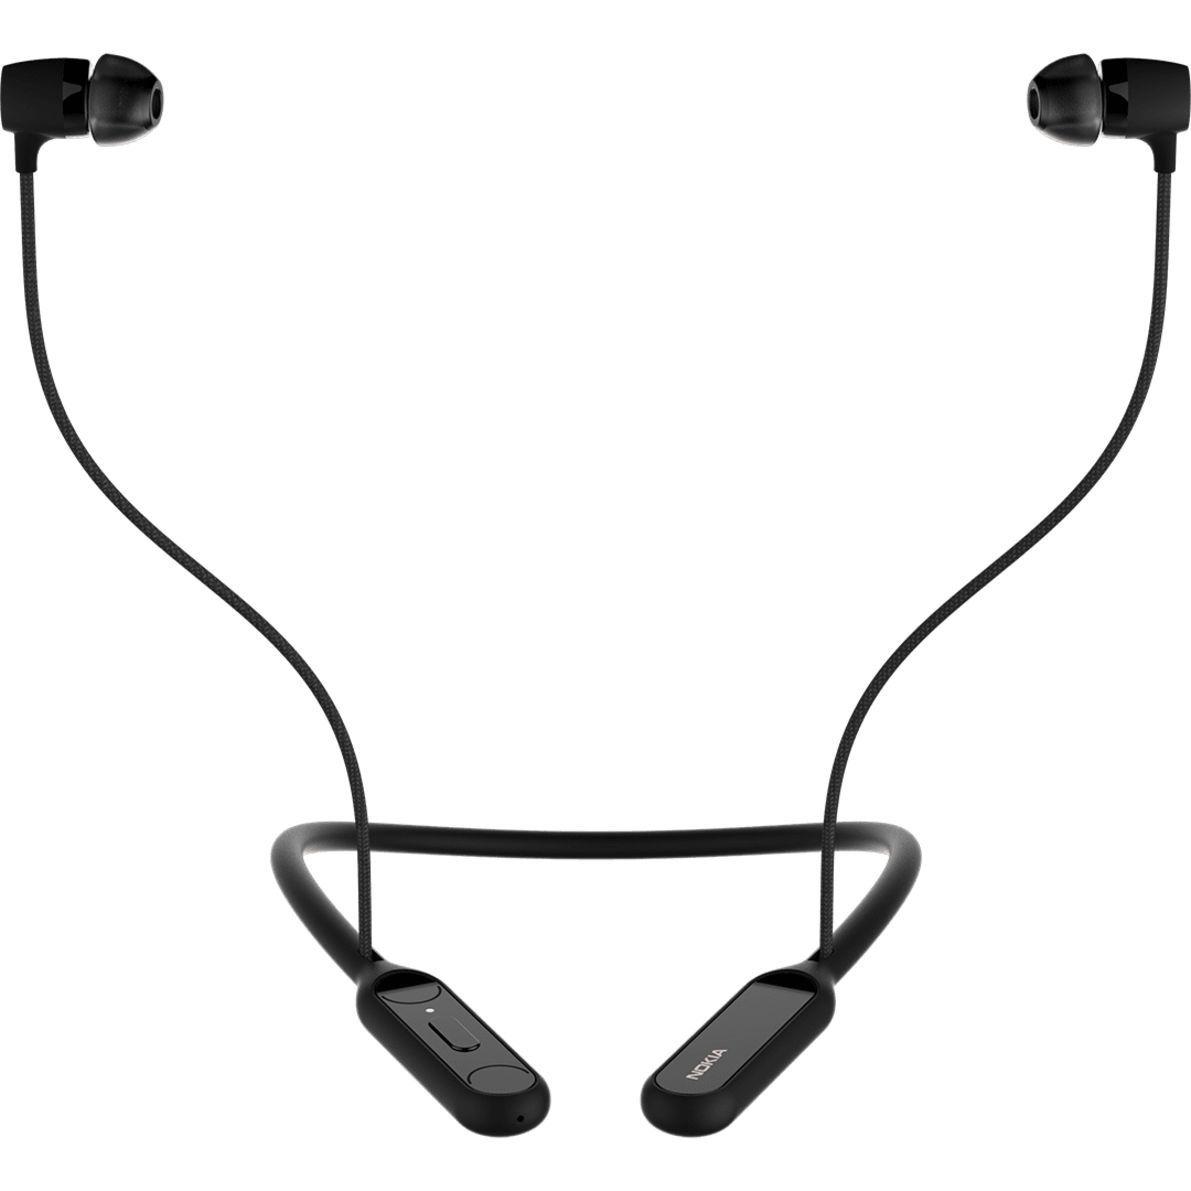 bbf0a66e3bd Buy Nokia Pro Wireless Earphones online